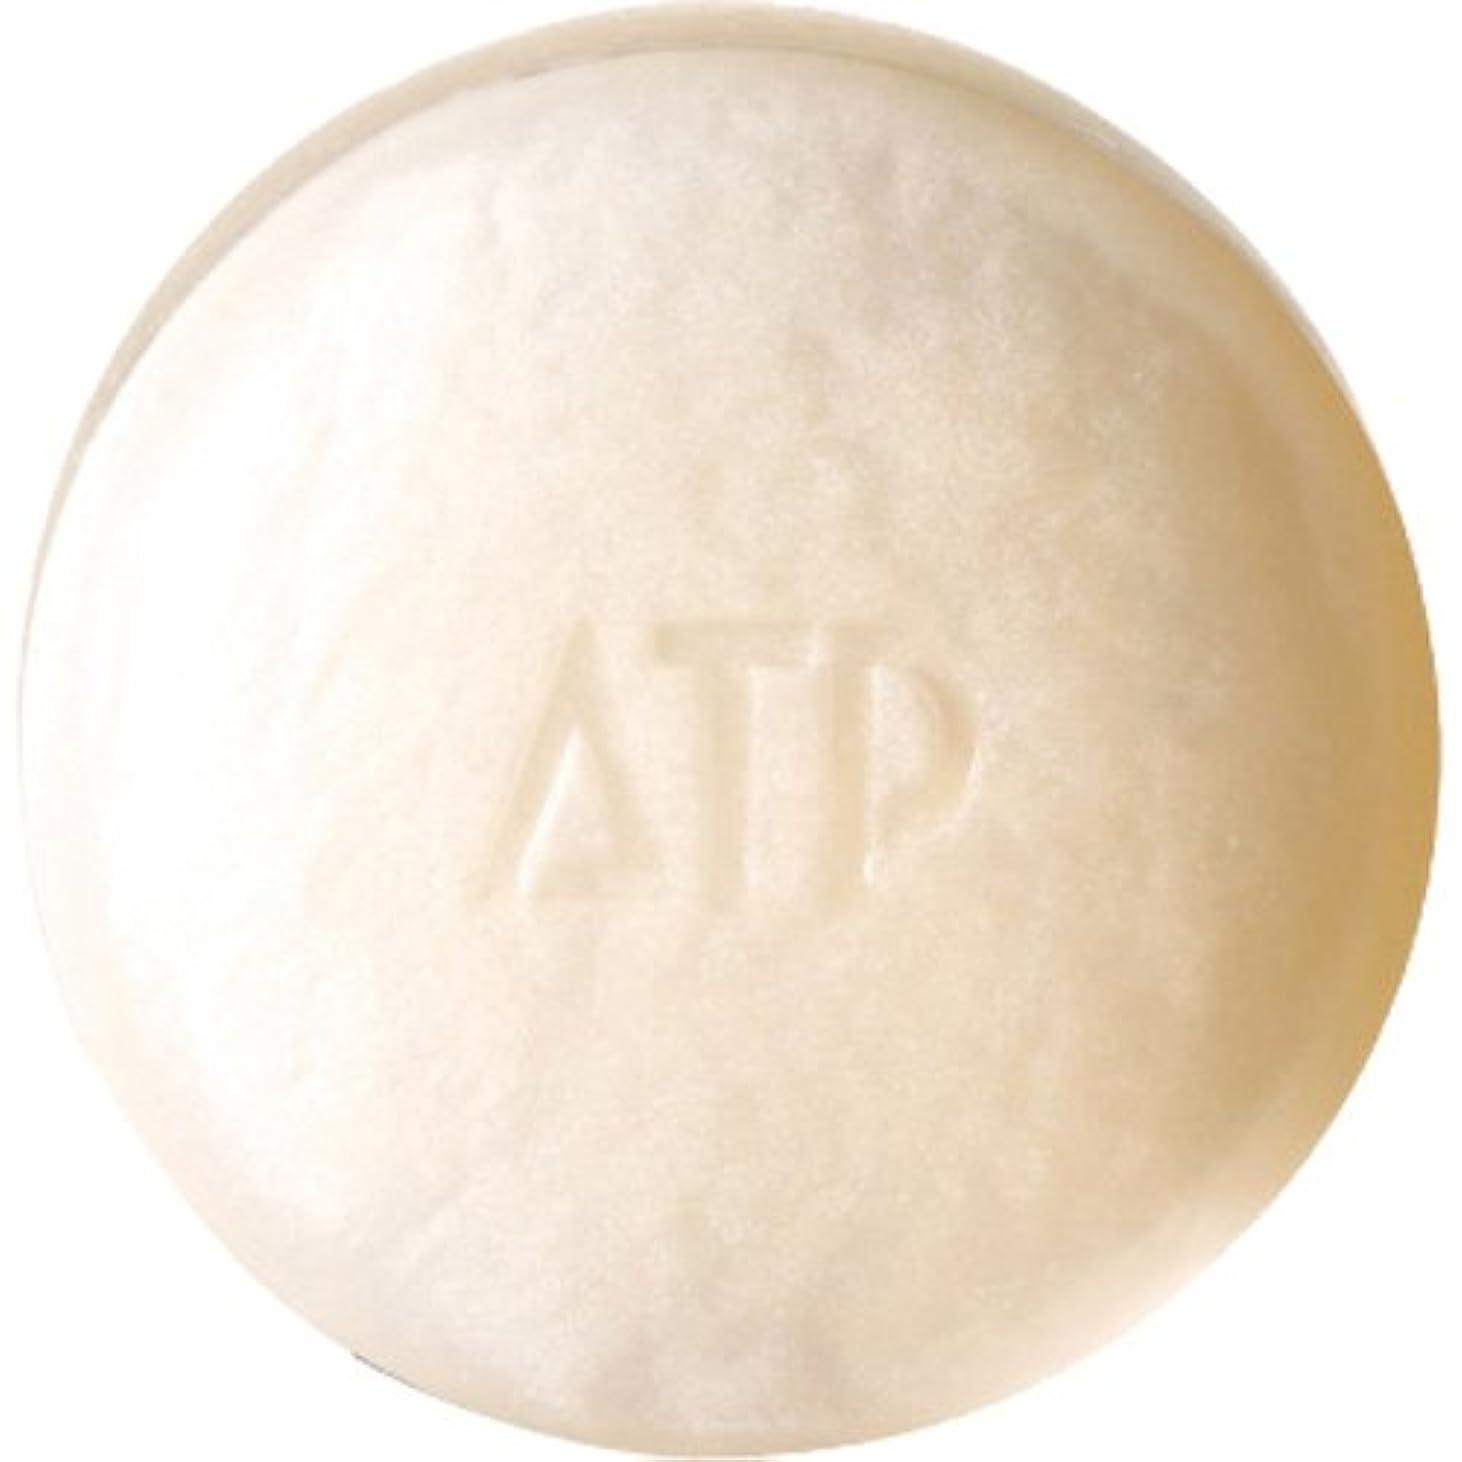 石炭州彼らの薬用ATP デリケアソープ 100g ケースなし (全身用洗浄石けん?枠練り) [医薬部外品]